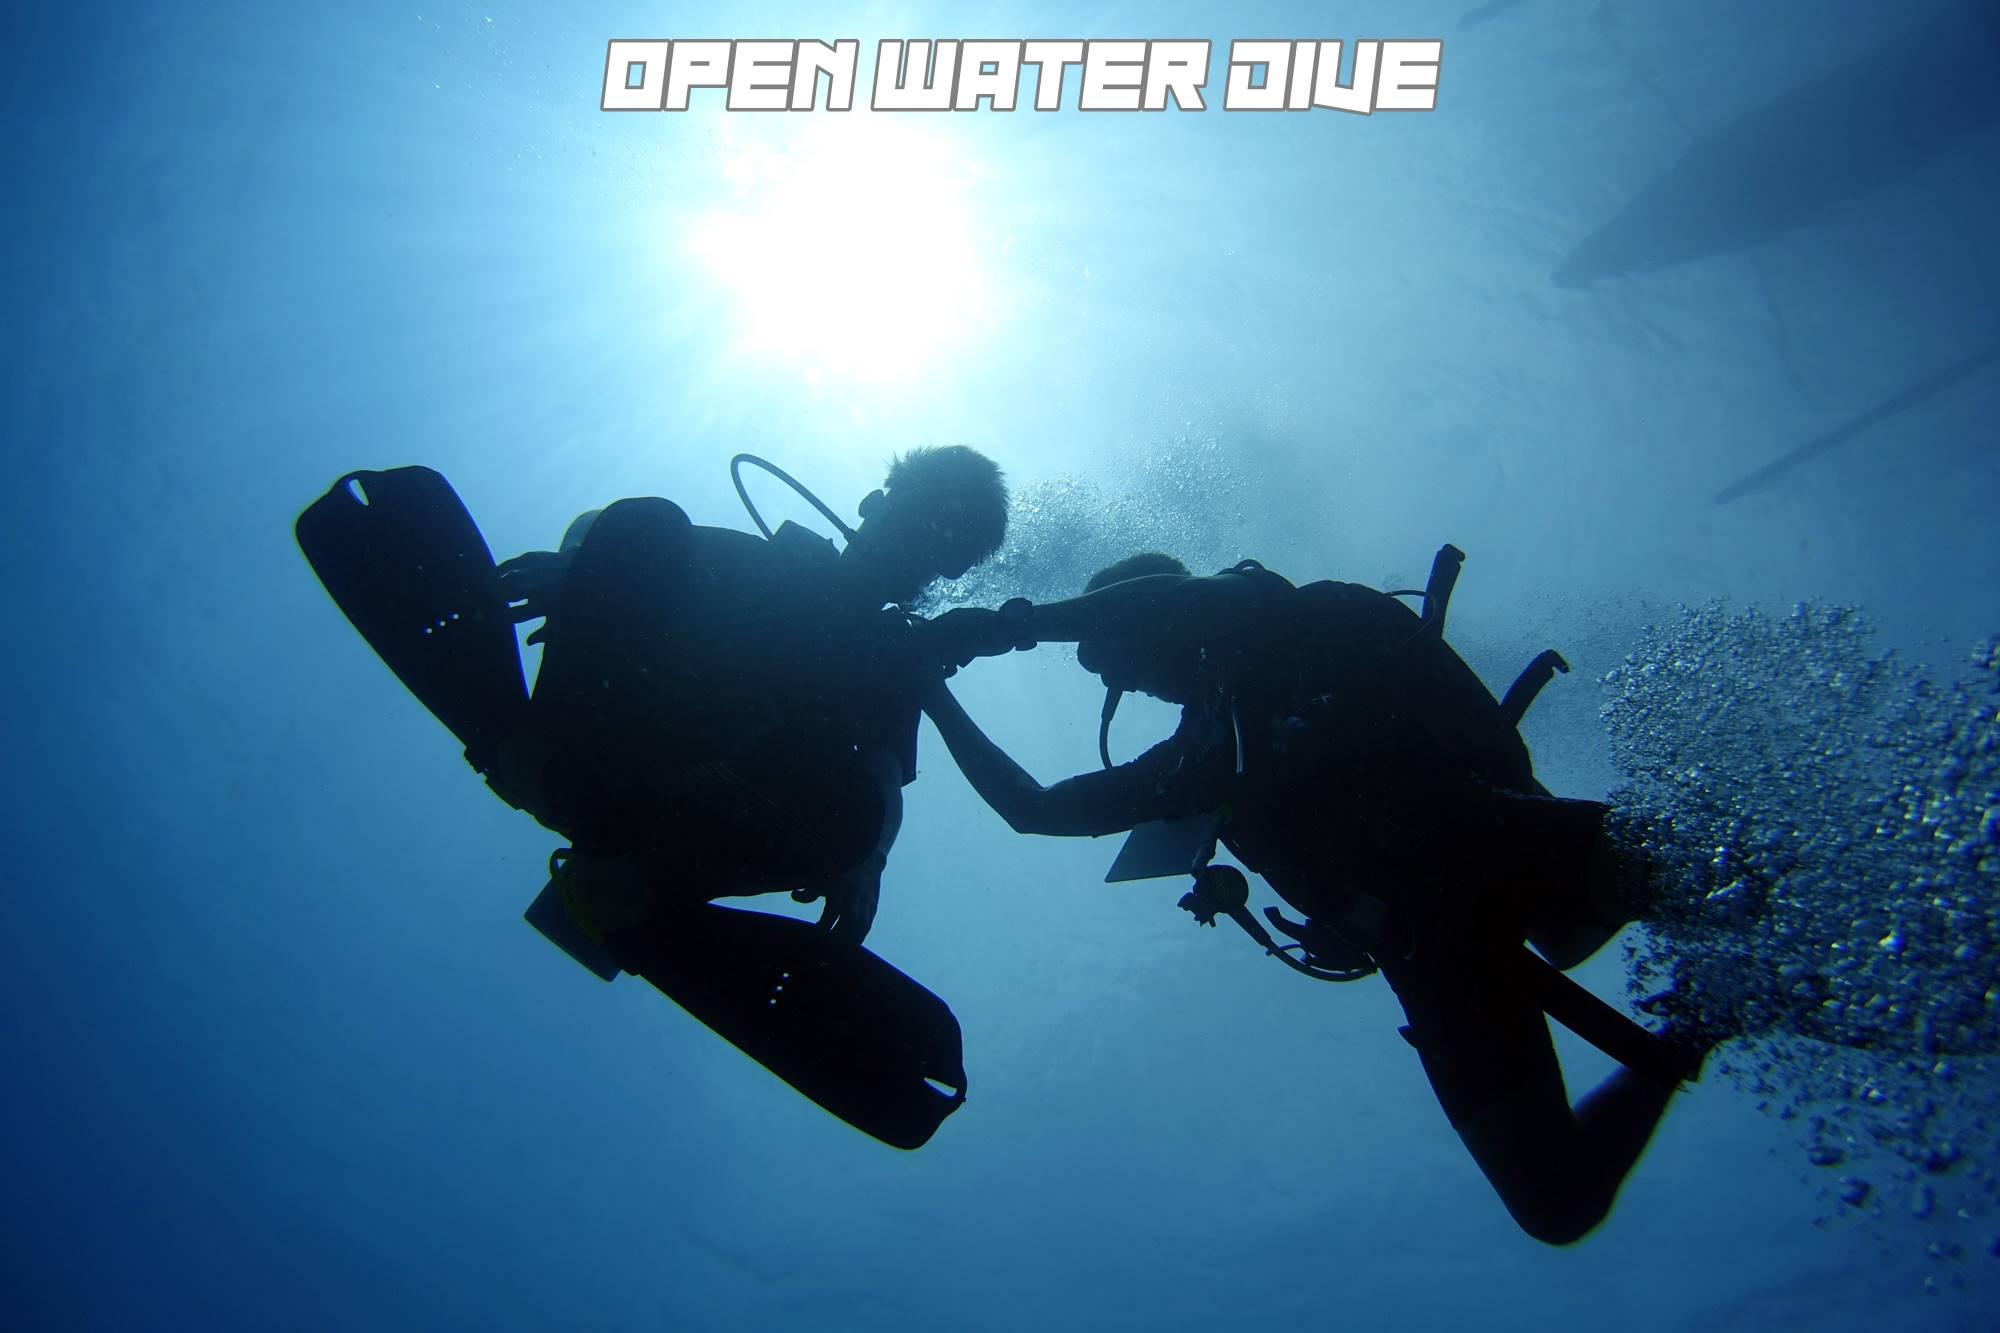 OPENWATERDSC06831